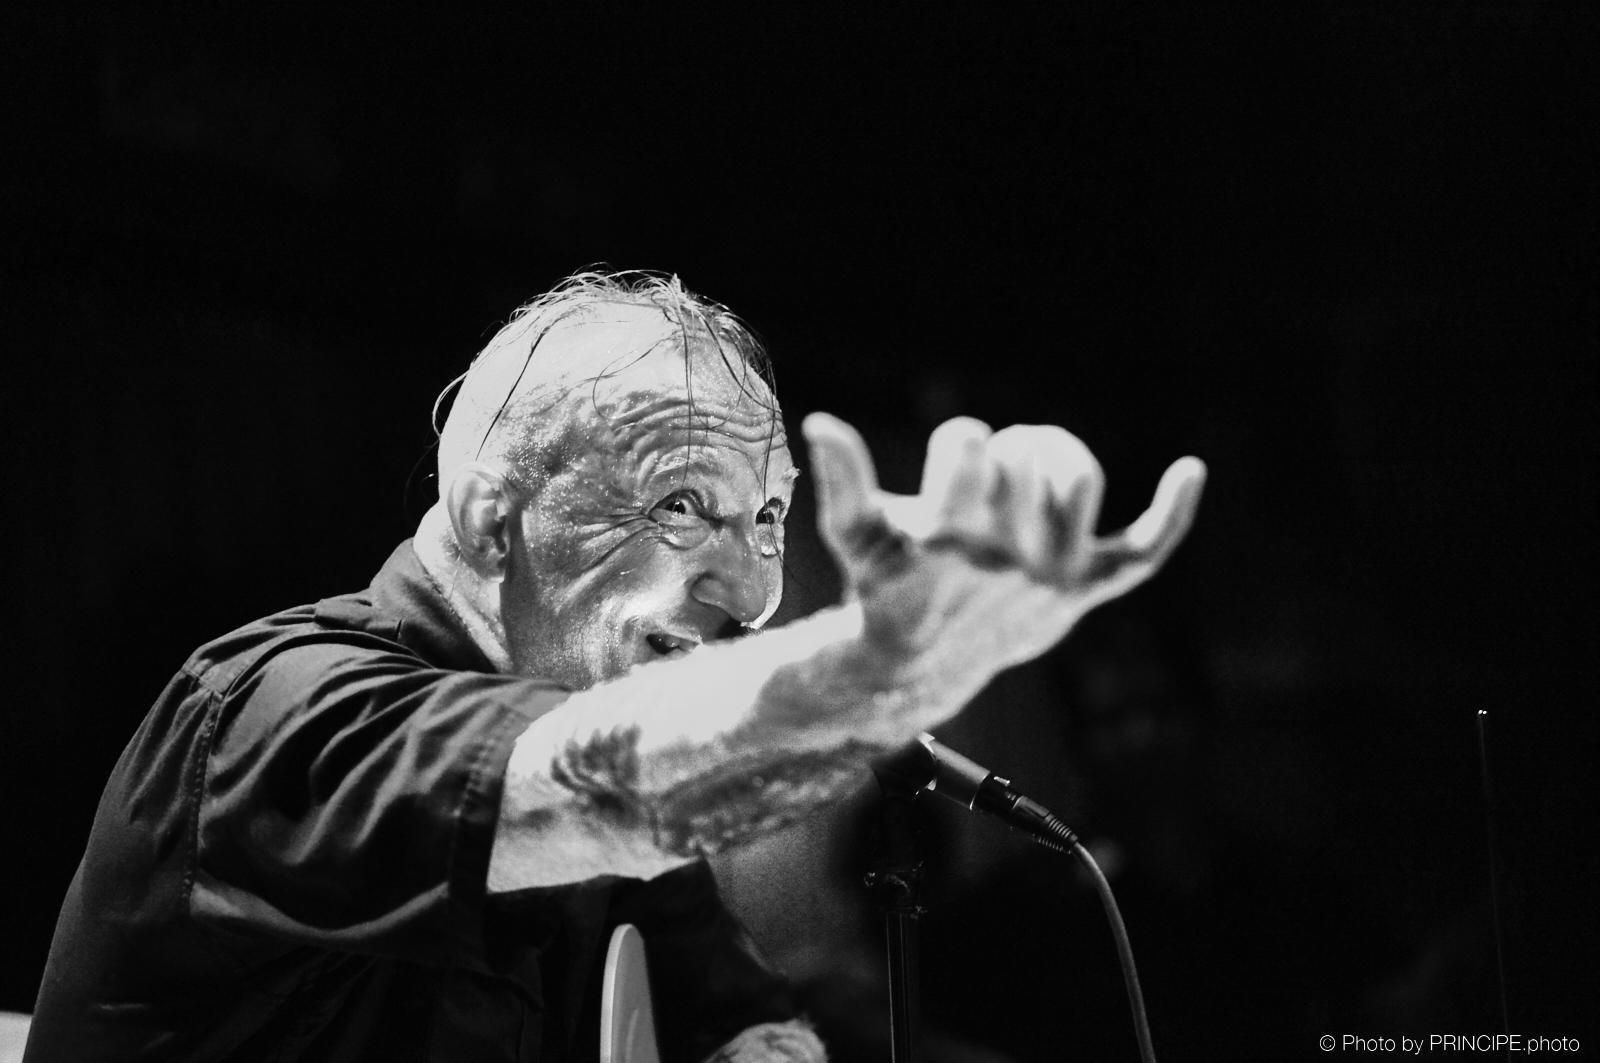 Reverend Beat-Man @ Schlachthaus Bern